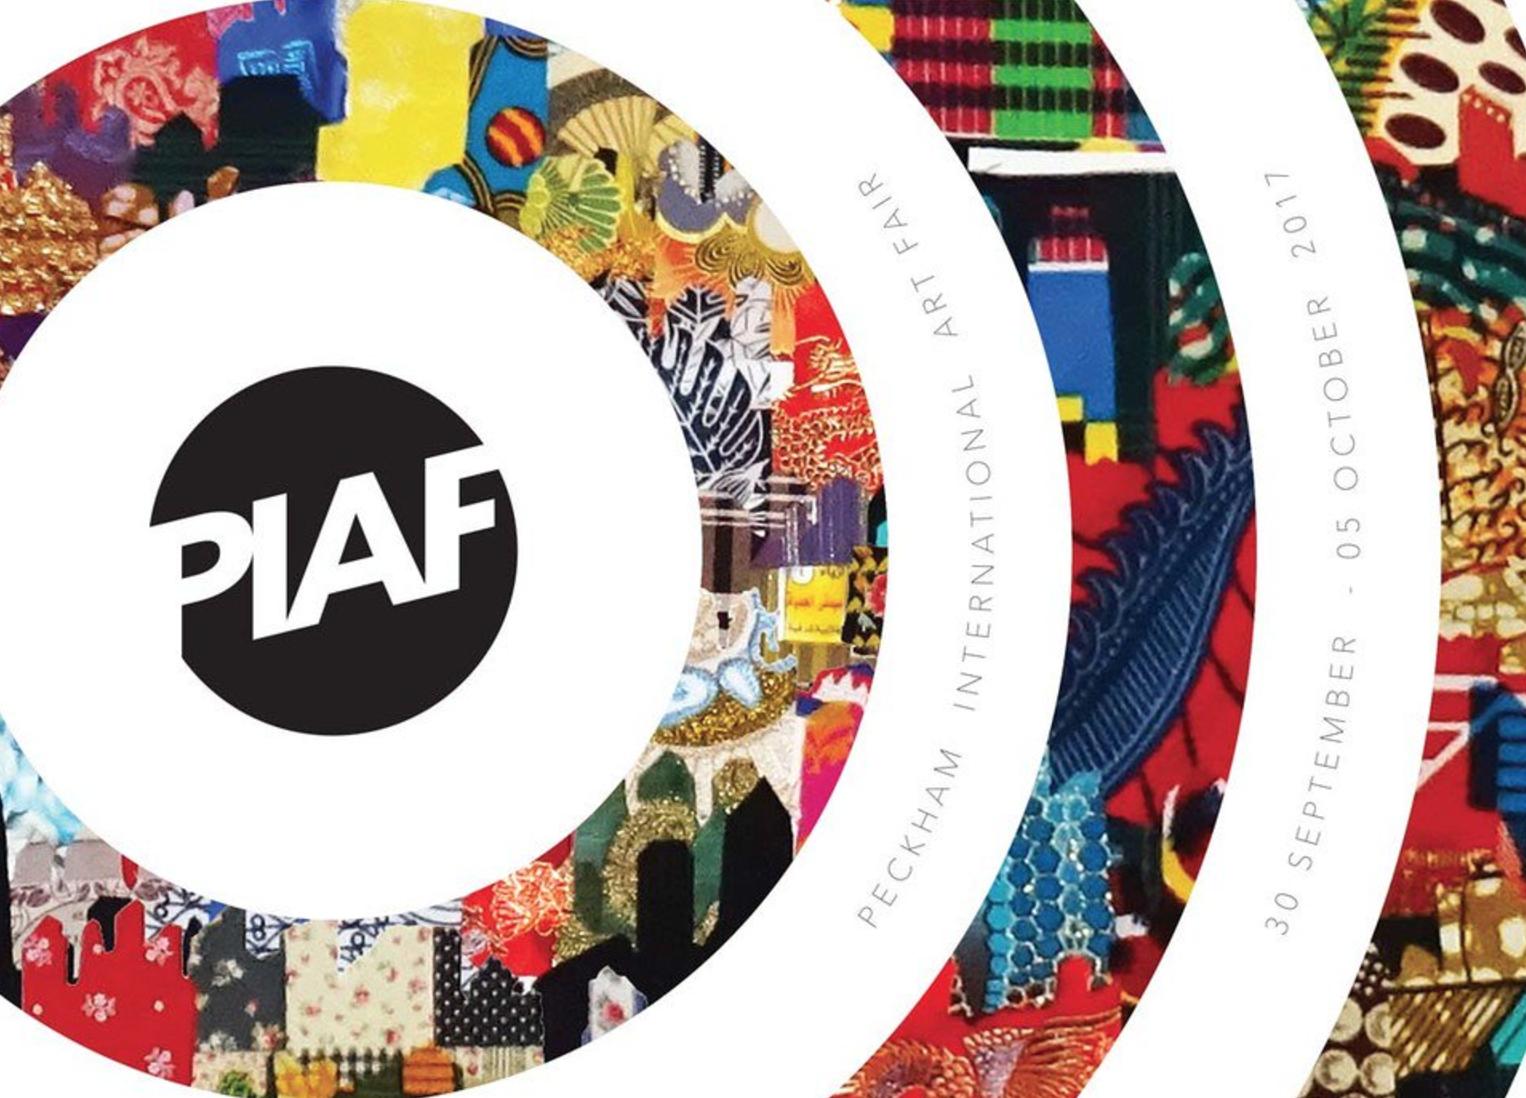 Peckham International Art Fair